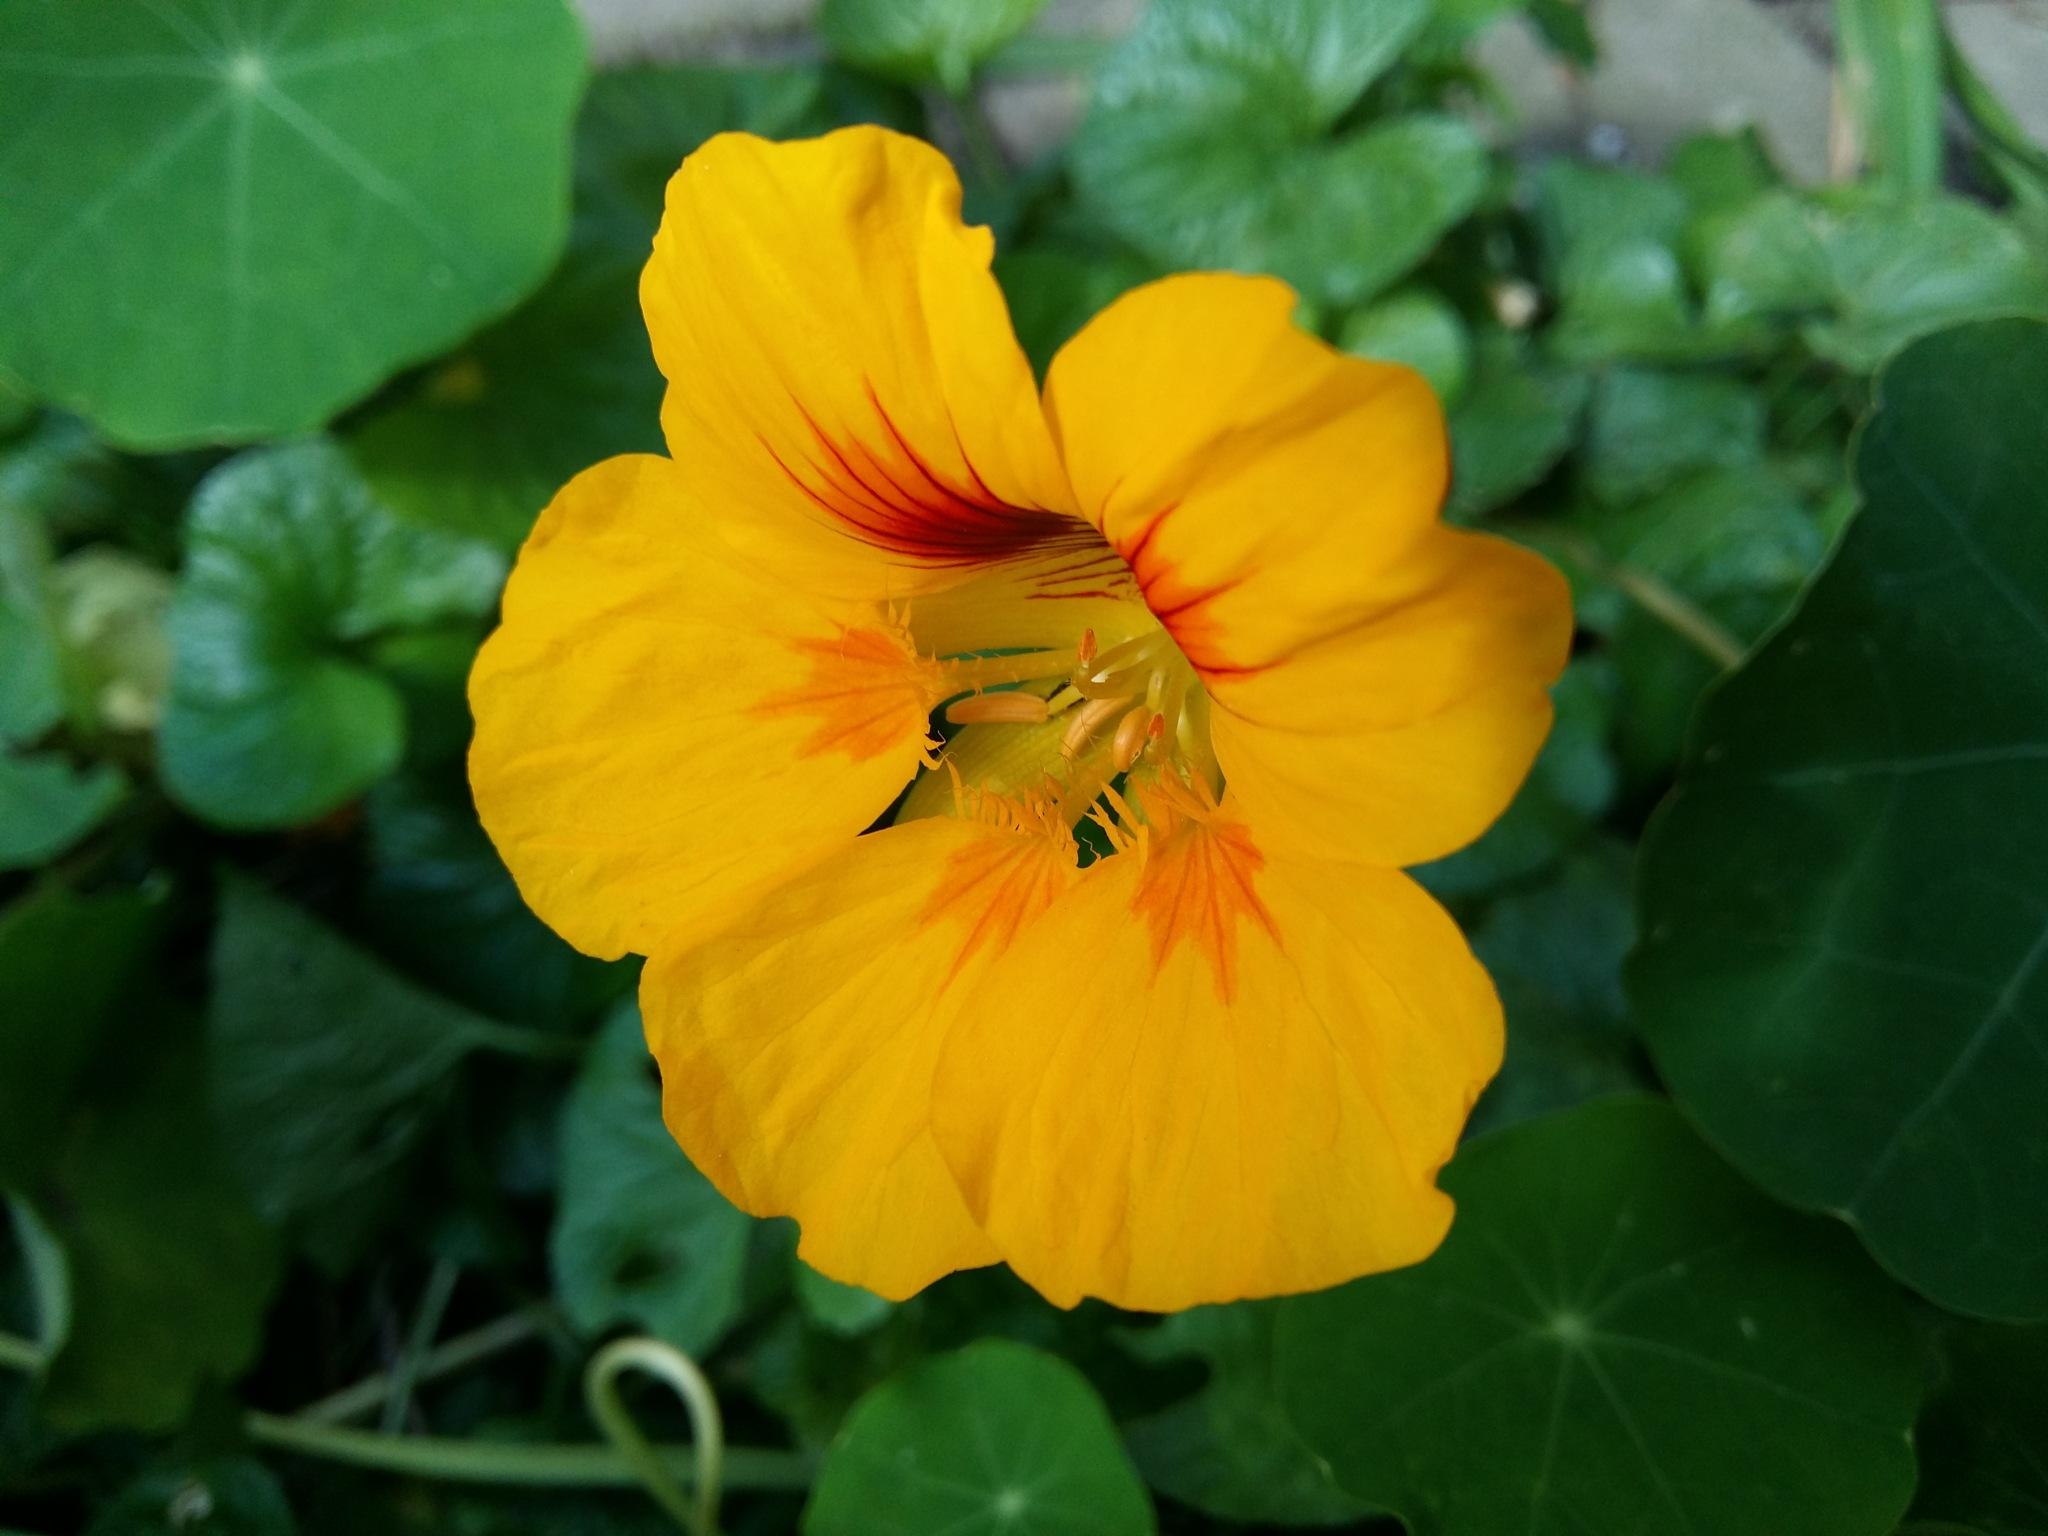 Flower by uzkuraitiene62